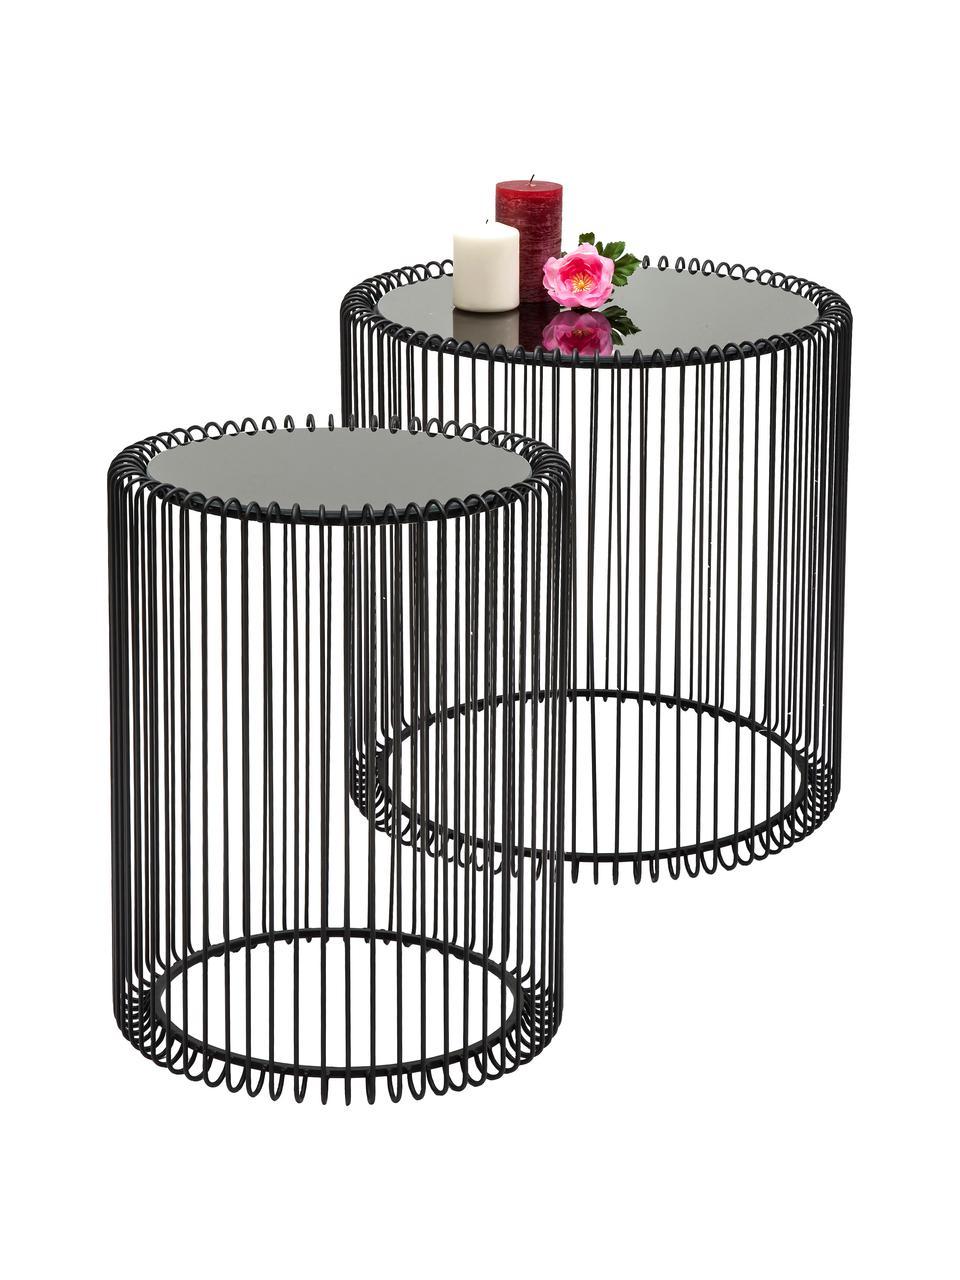 Metalen bijzettafel Wire met glazen tafelblad, 2-delig, Frame: gepoedercoat metaal, Tafelblad: veiligheidsglas, in folie, Zwart, Set met verschillende formaten